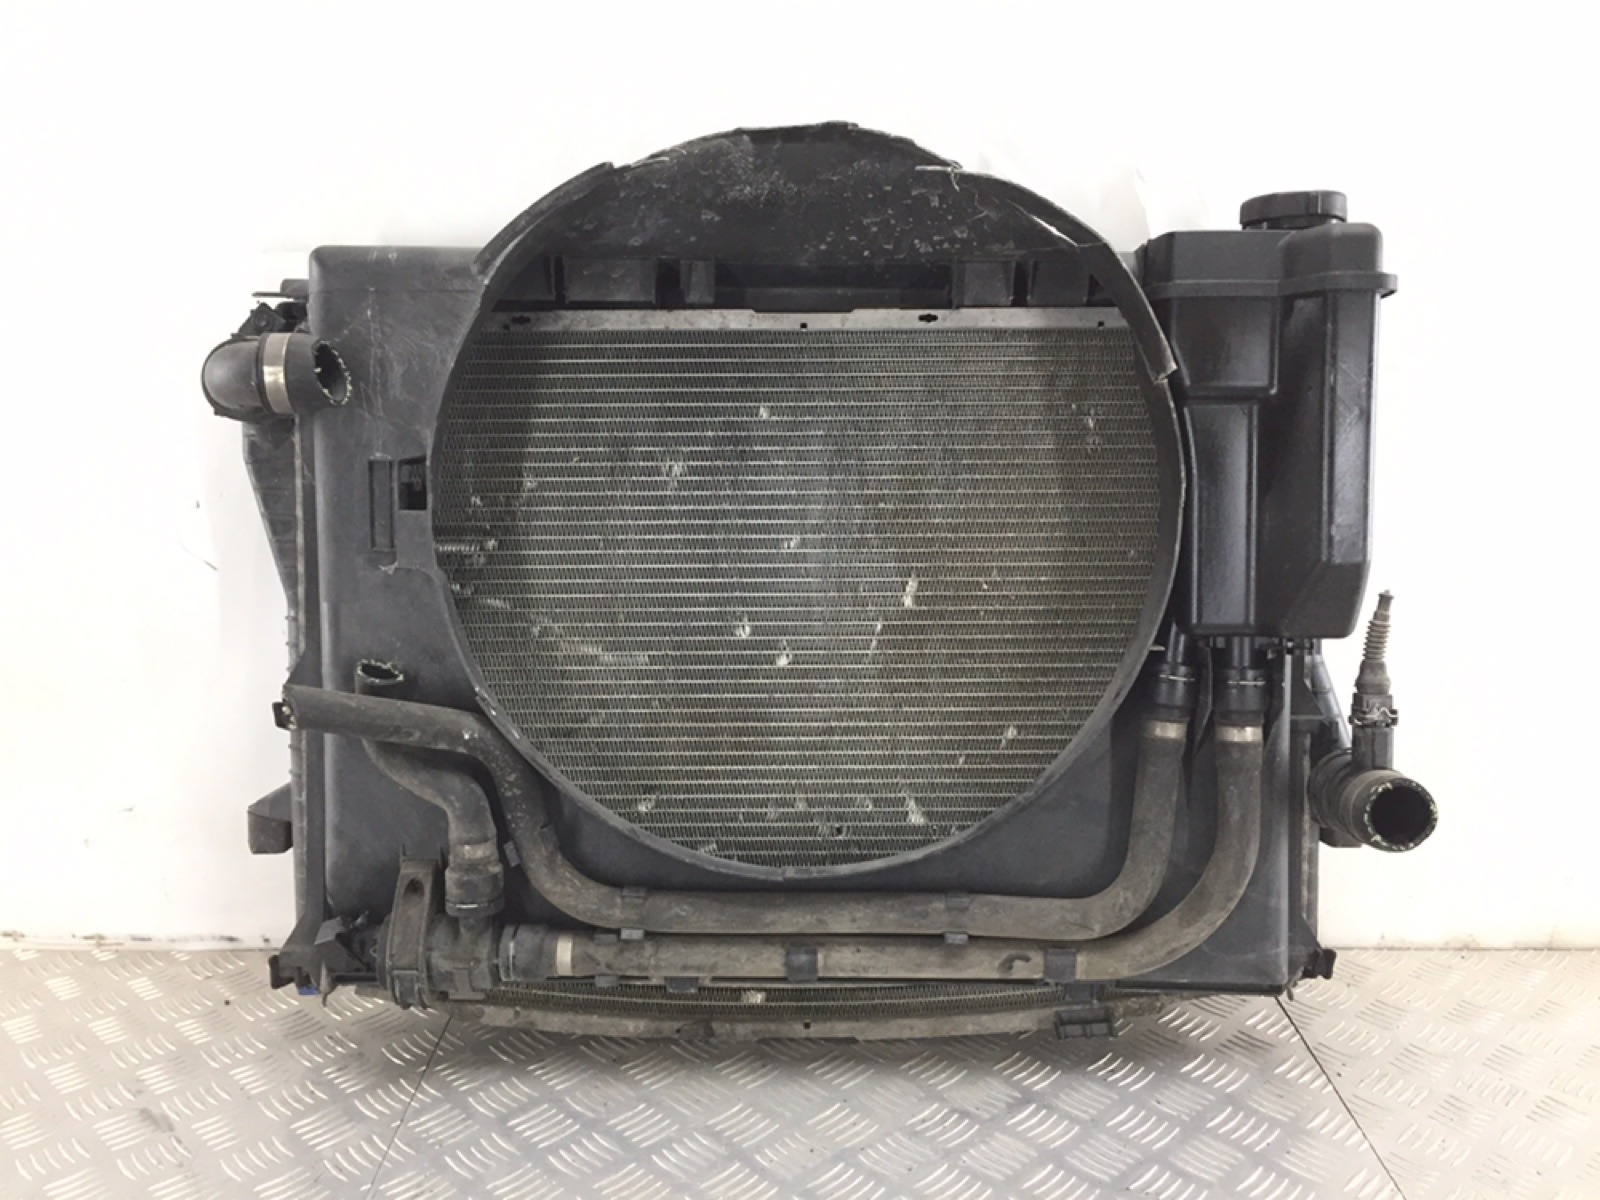 Кассета радиаторов Bmw 5 E39 2.8 I 2000 (б/у)